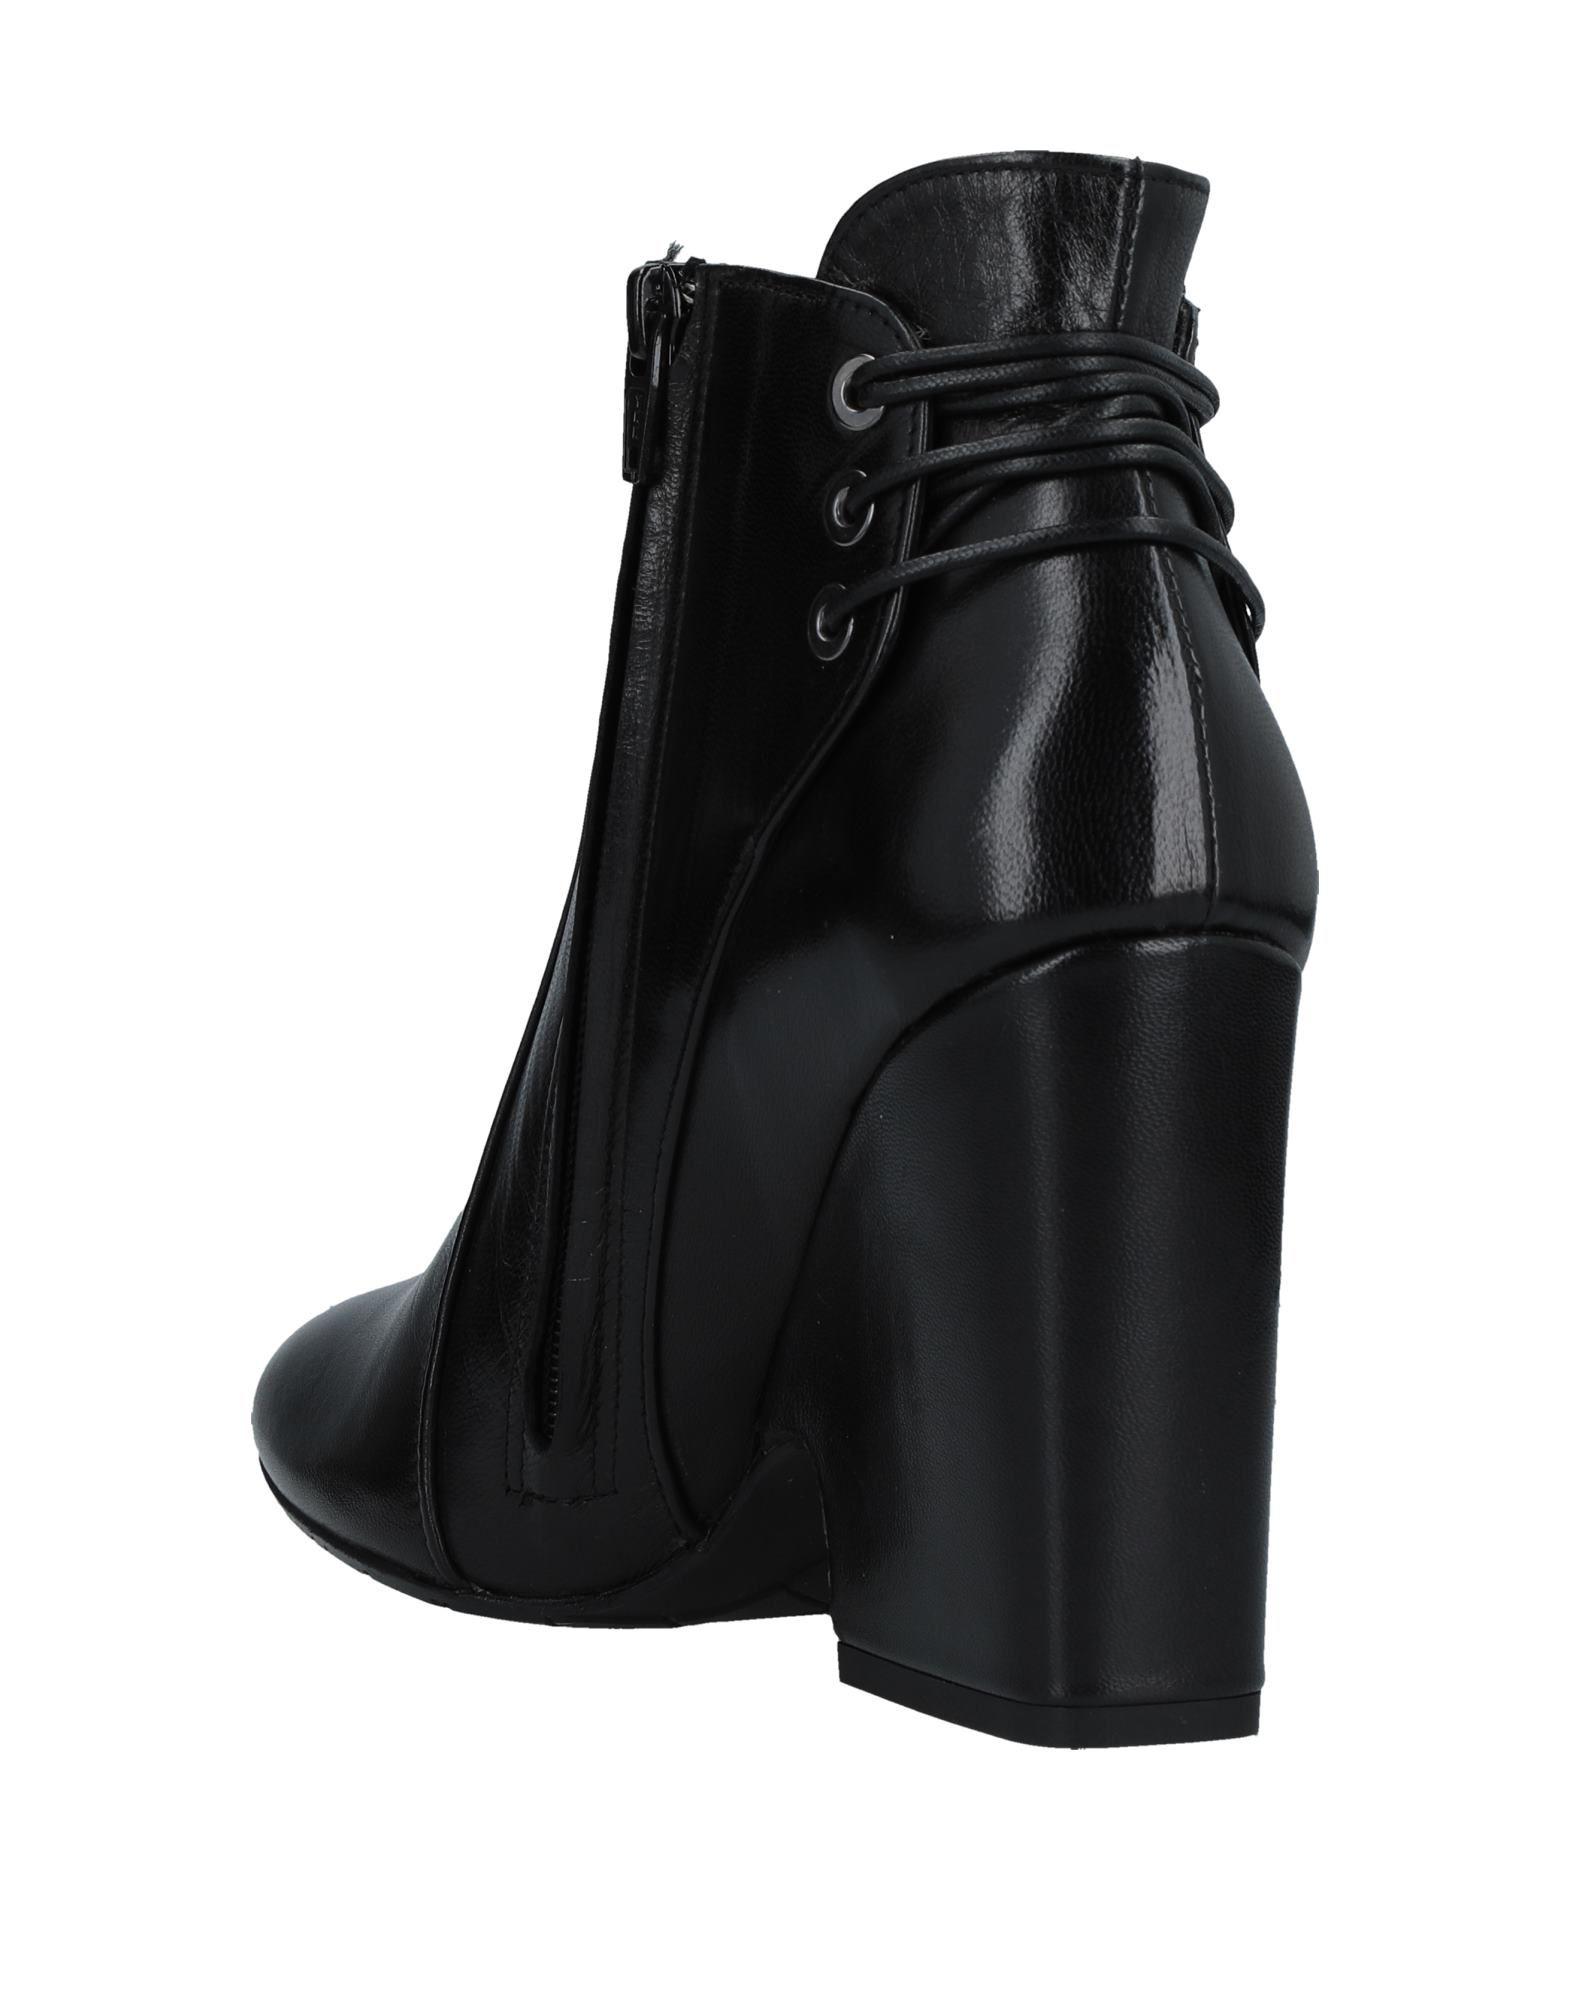 Silvana Stiefelette Damen Qualität 11529255EL Gute Qualität Damen beliebte Schuhe d3b209